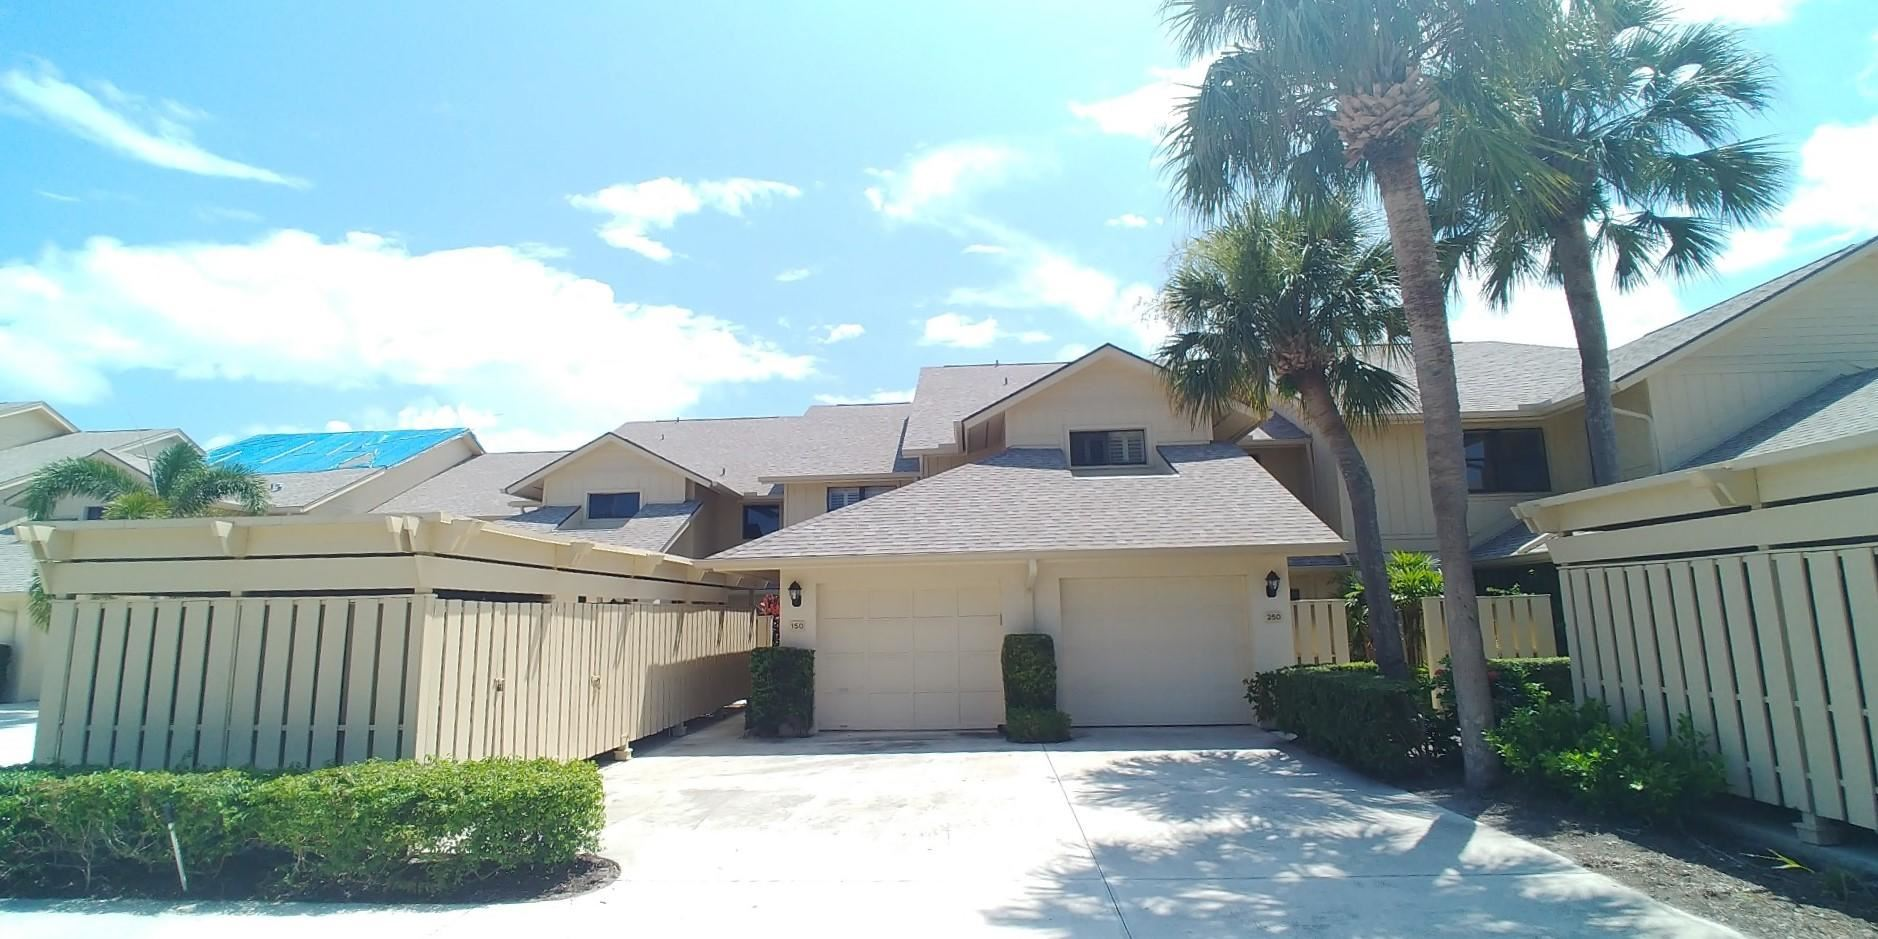 Photo of 16941 Waterbend Drive #150, Jupiter, FL 33477 (MLS # RX-10735128)